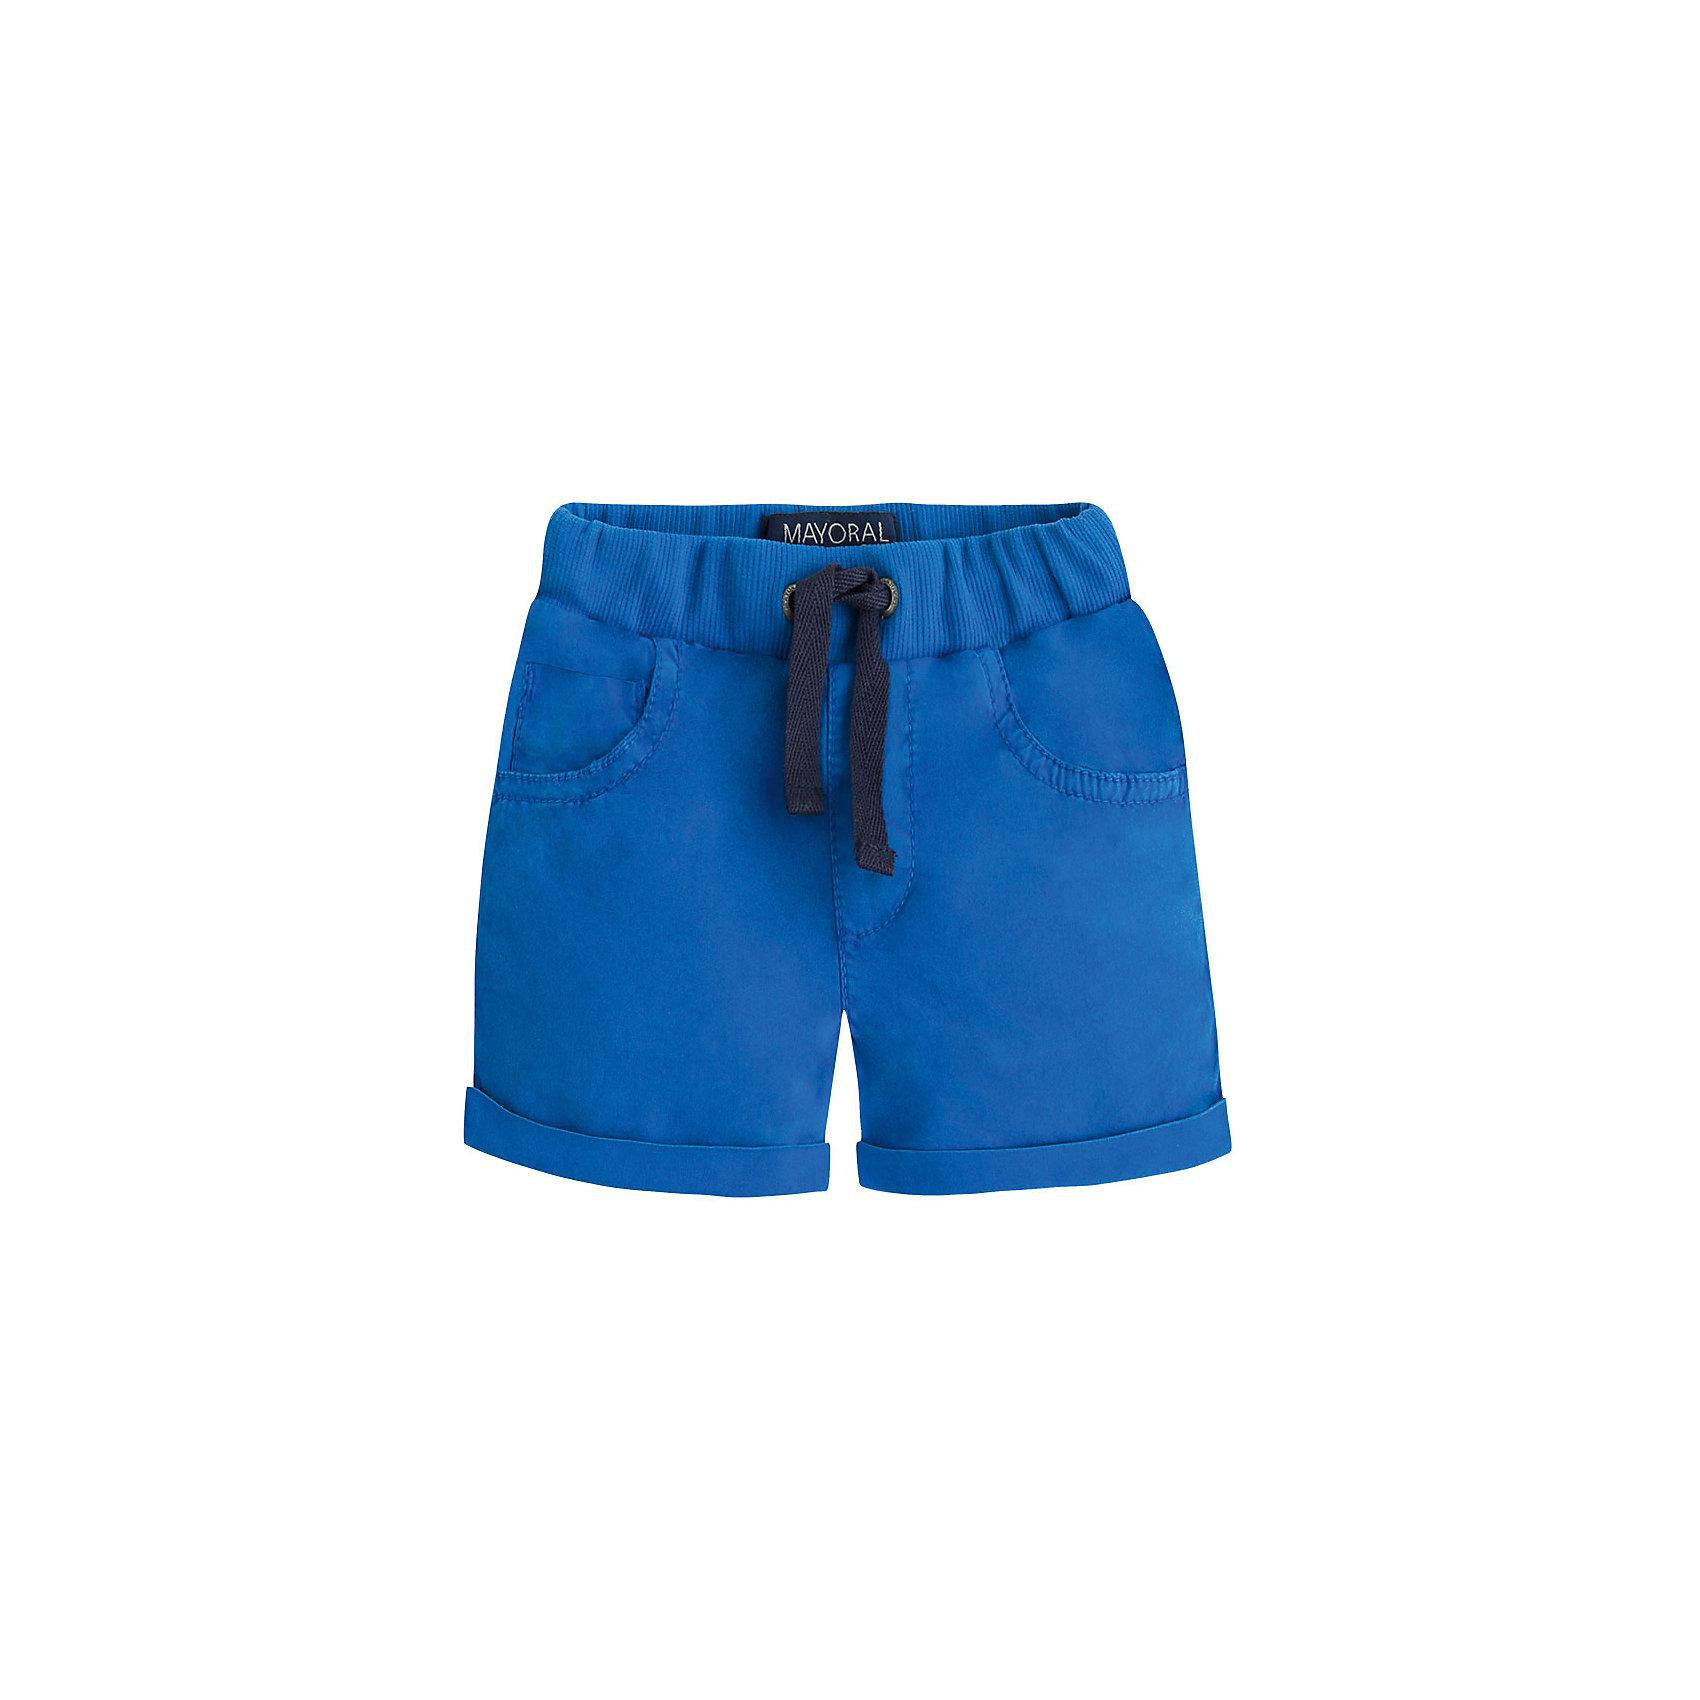 Шорты для мальчика MayoralШорты, бриджи, капри<br>Бриджи для мальчика от известной испанской марки Mayoral - прекрасный вариант для повседневной носки. <br><br>Дополнительная информация:<br><br>- Мягкая трикотажная ткань.<br>- На эластичном поясе с кулиской.<br>- 4 кармана (2 задних, 2 боковых).<br>- Вышивка на заднем кармане. <br>- Состав: 98% хлопок, 2% эластан.<br><br>Бриджи для мальчика Mayoral (Майорал) можно купить в нашем магазине.<br><br>Ширина мм: 191<br>Глубина мм: 10<br>Высота мм: 175<br>Вес г: 273<br>Цвет: разноцветный<br>Возраст от месяцев: 6<br>Возраст до месяцев: 9<br>Пол: Мужской<br>Возраст: Детский<br>Размер: 80,92,86,74<br>SKU: 4537745